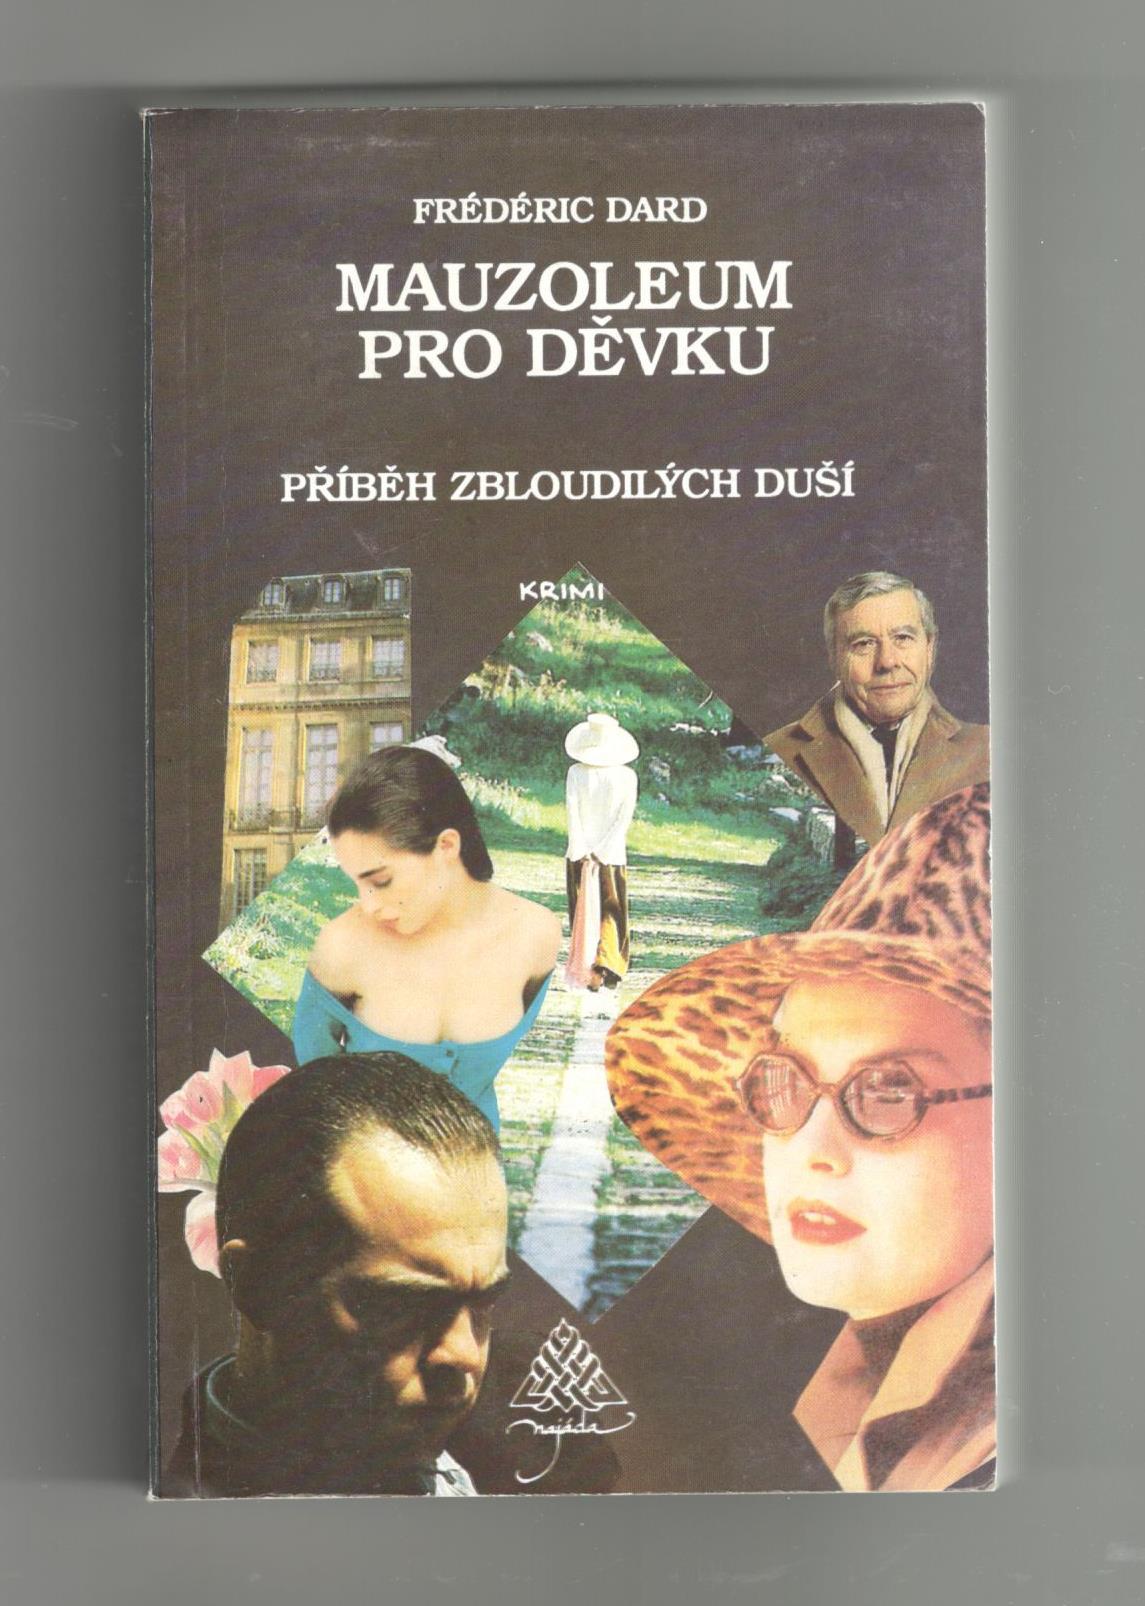 Mauzoleum pro děvku (příběh zbloudilých duší) - Frédéric Dard